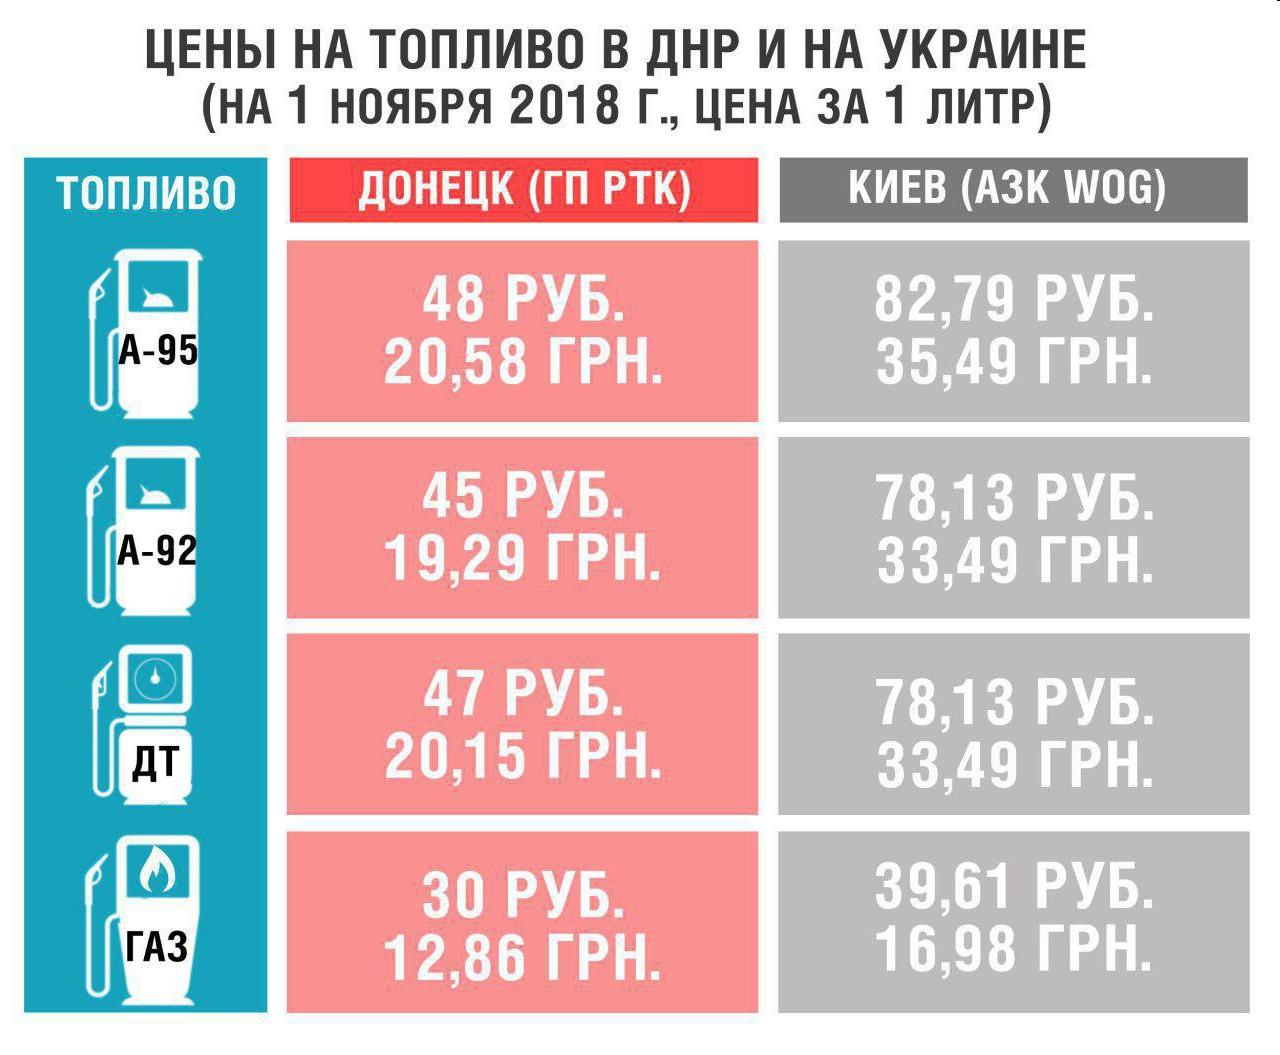 Скоро киевляне в Донецк за бензином в очередь встанут